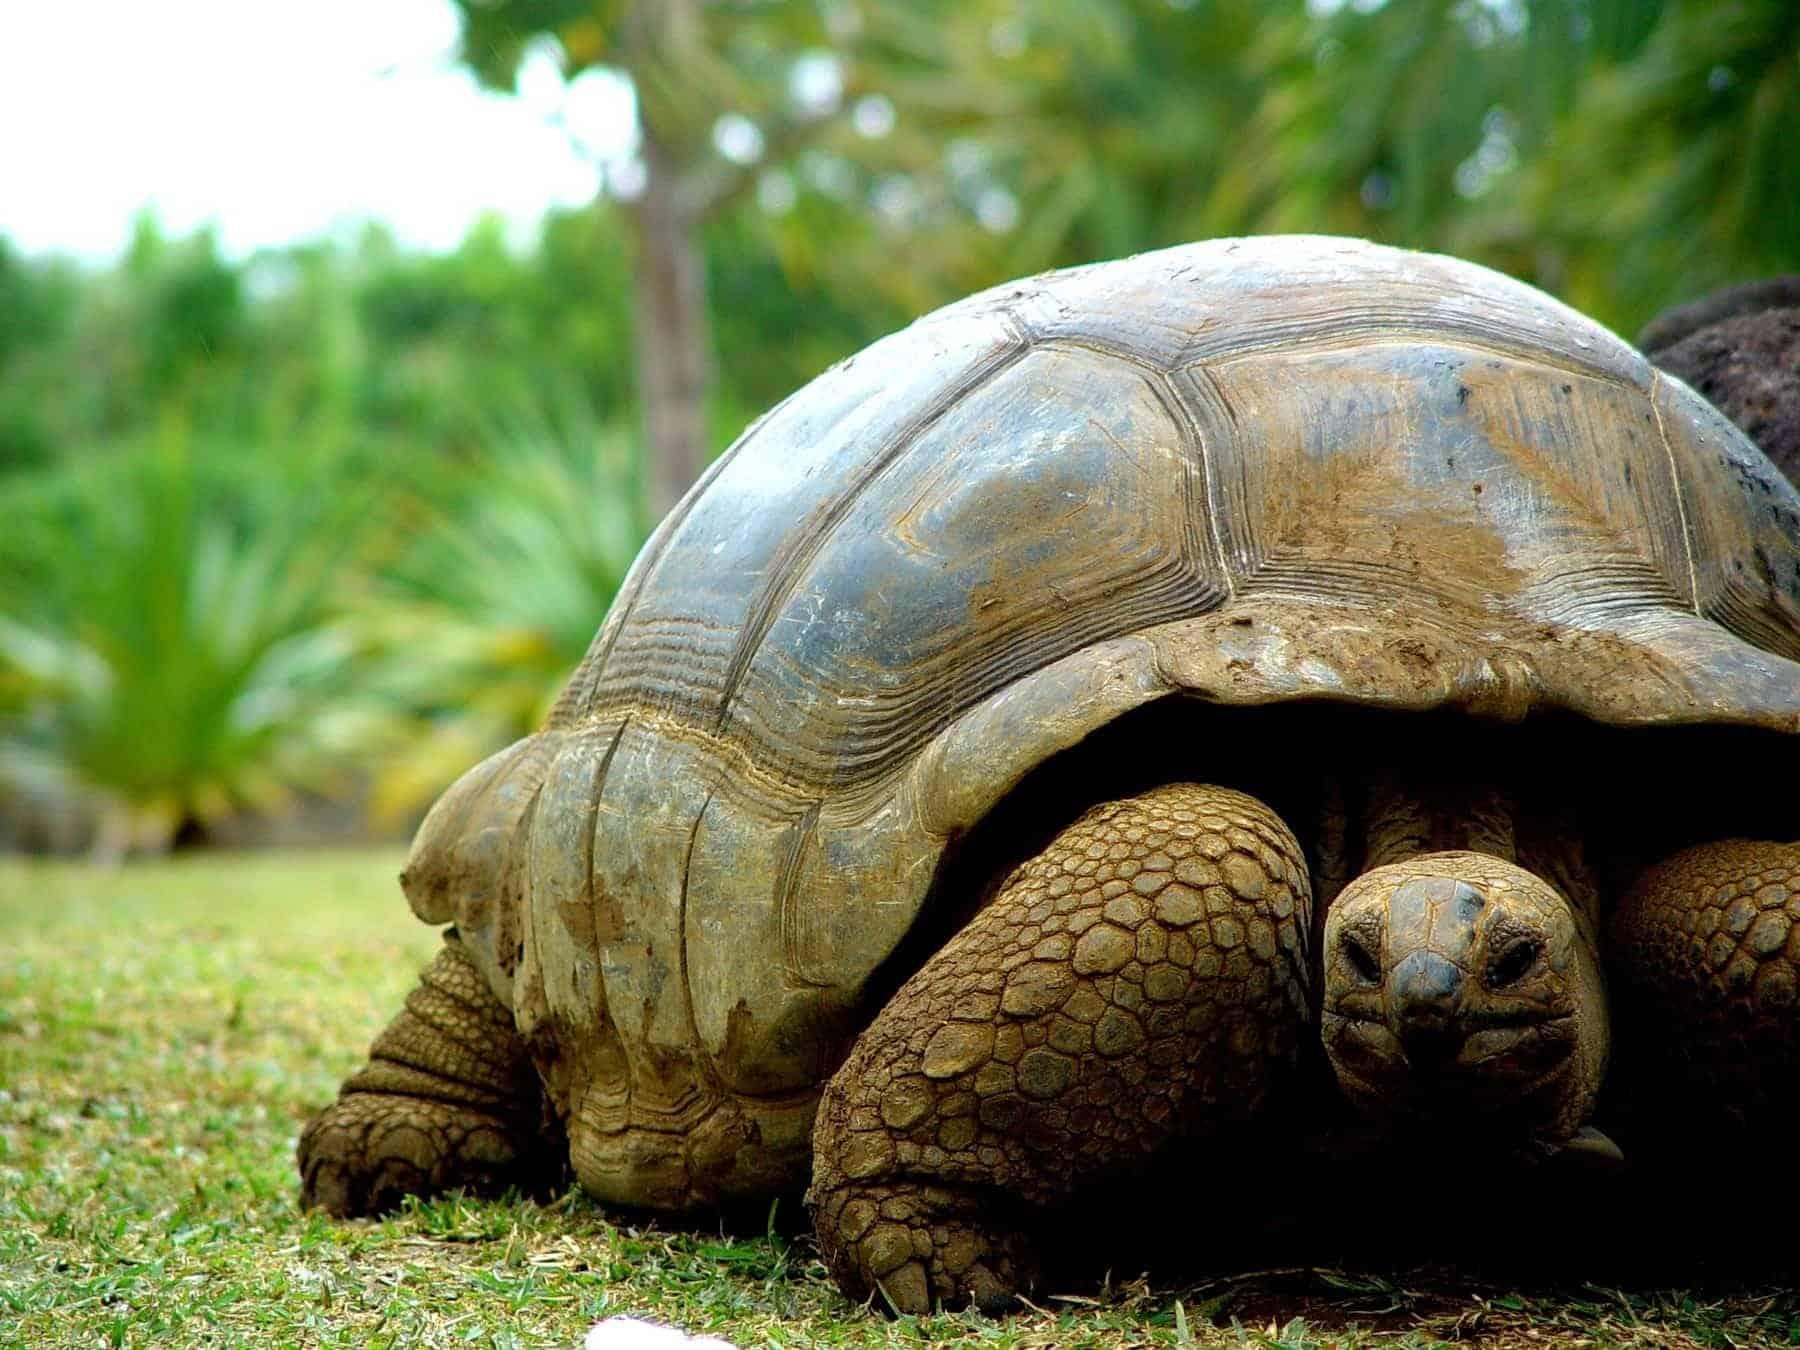 Mauritius turtles